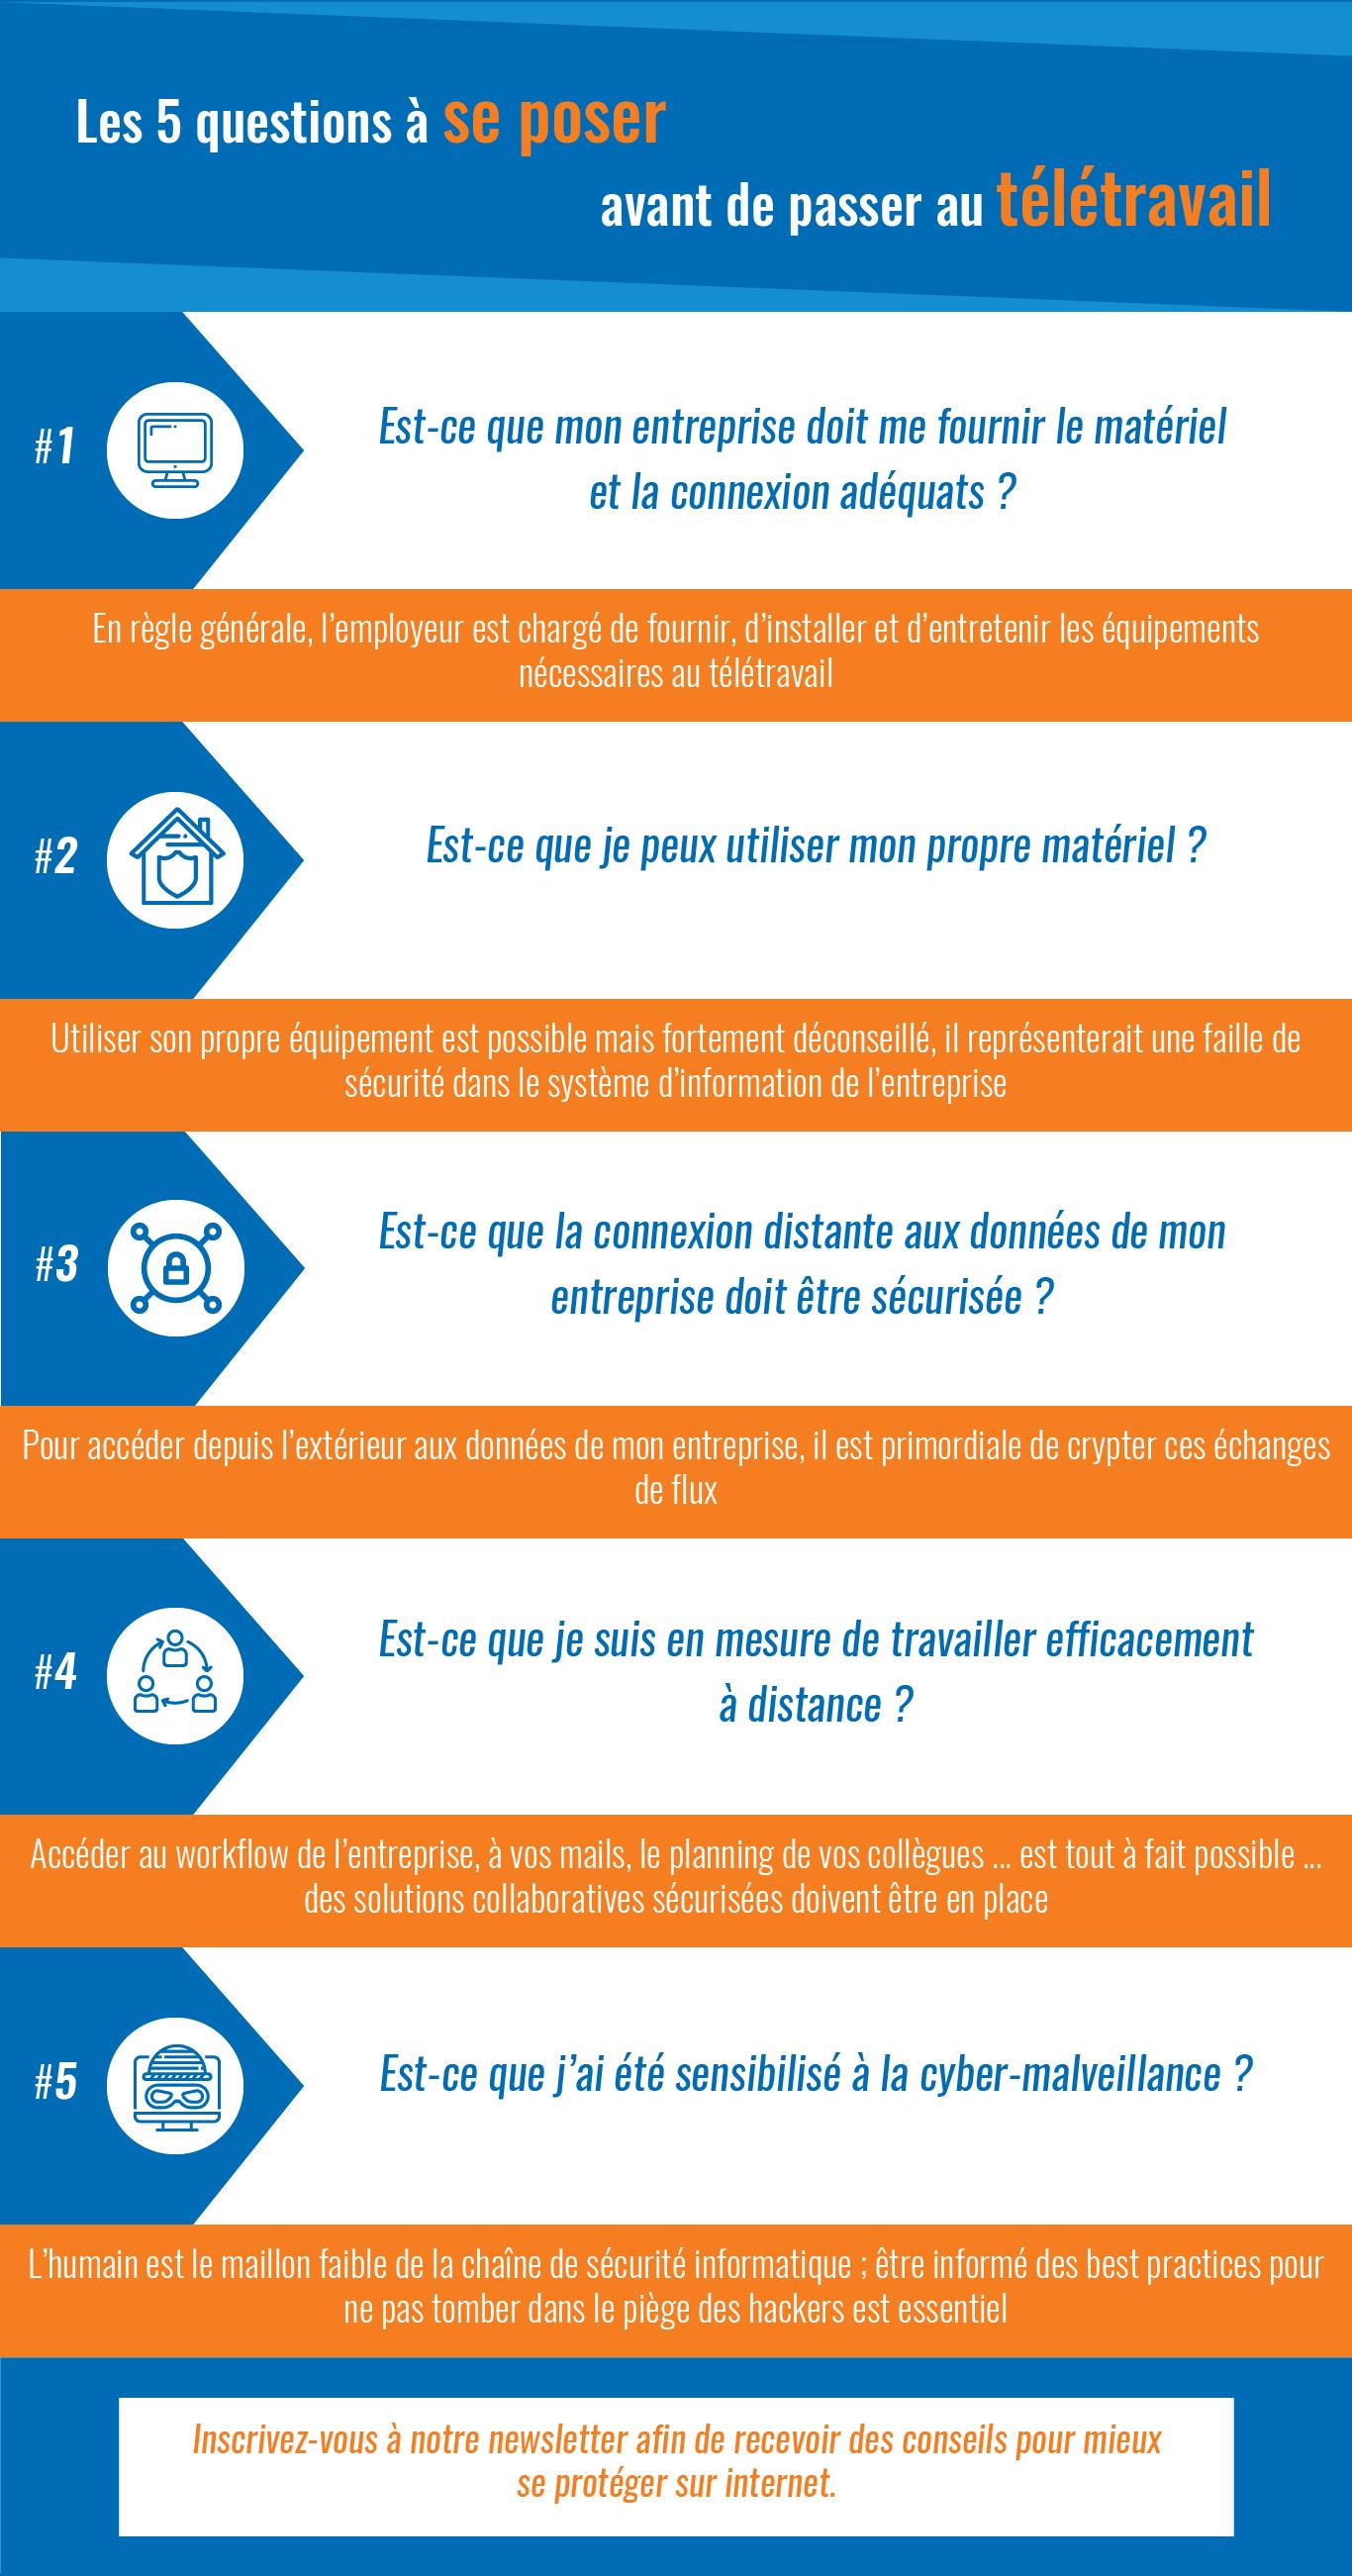 Infographie sur les 5 questions à se poser avant de passer au télétravail